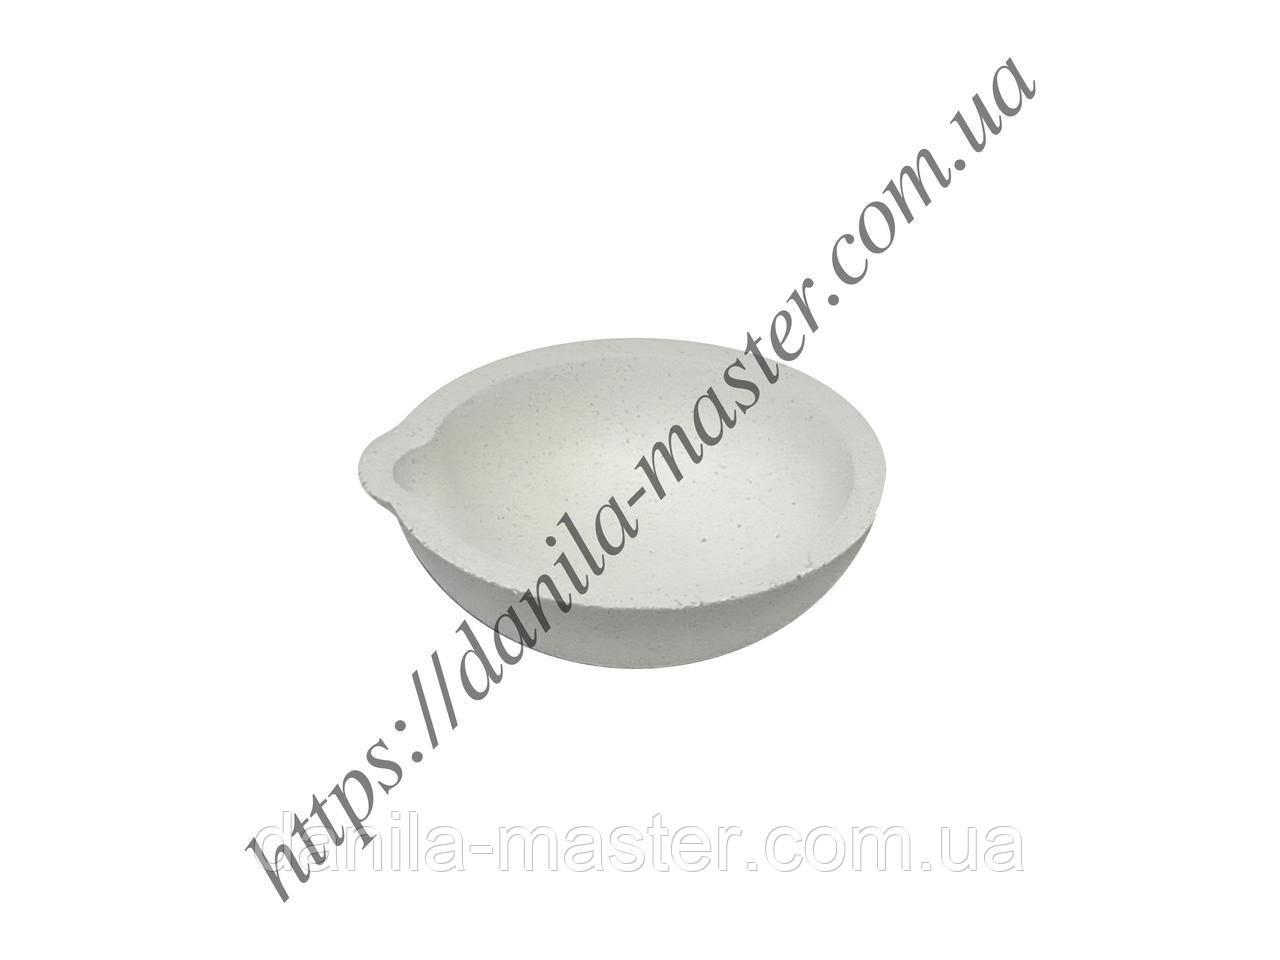 Тигель высокоогнеупорный керамический толстостенный №1а /Ø54 мм, h=20 мм/